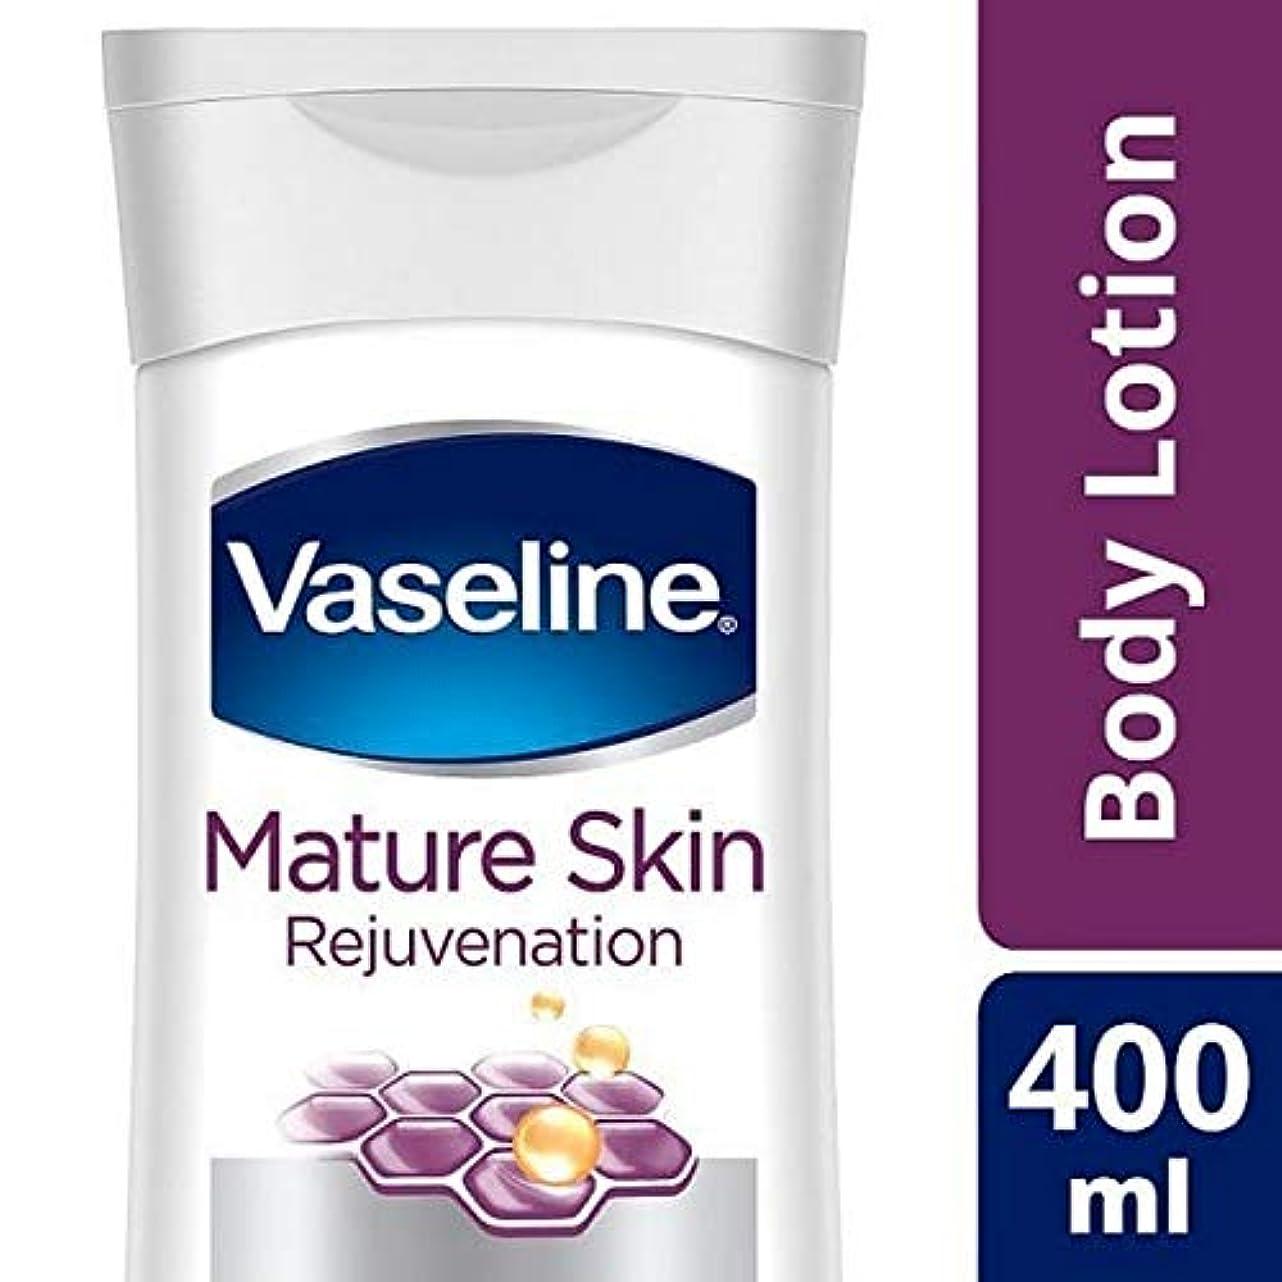 振りかけるいちゃつく罪[Vaseline ] 成熟した肌のための400ミリリットルワセリン集中治療ボディローション - Vaseline Intensive Care Body Lotion for Mature Skin 400ml [並行輸入品]